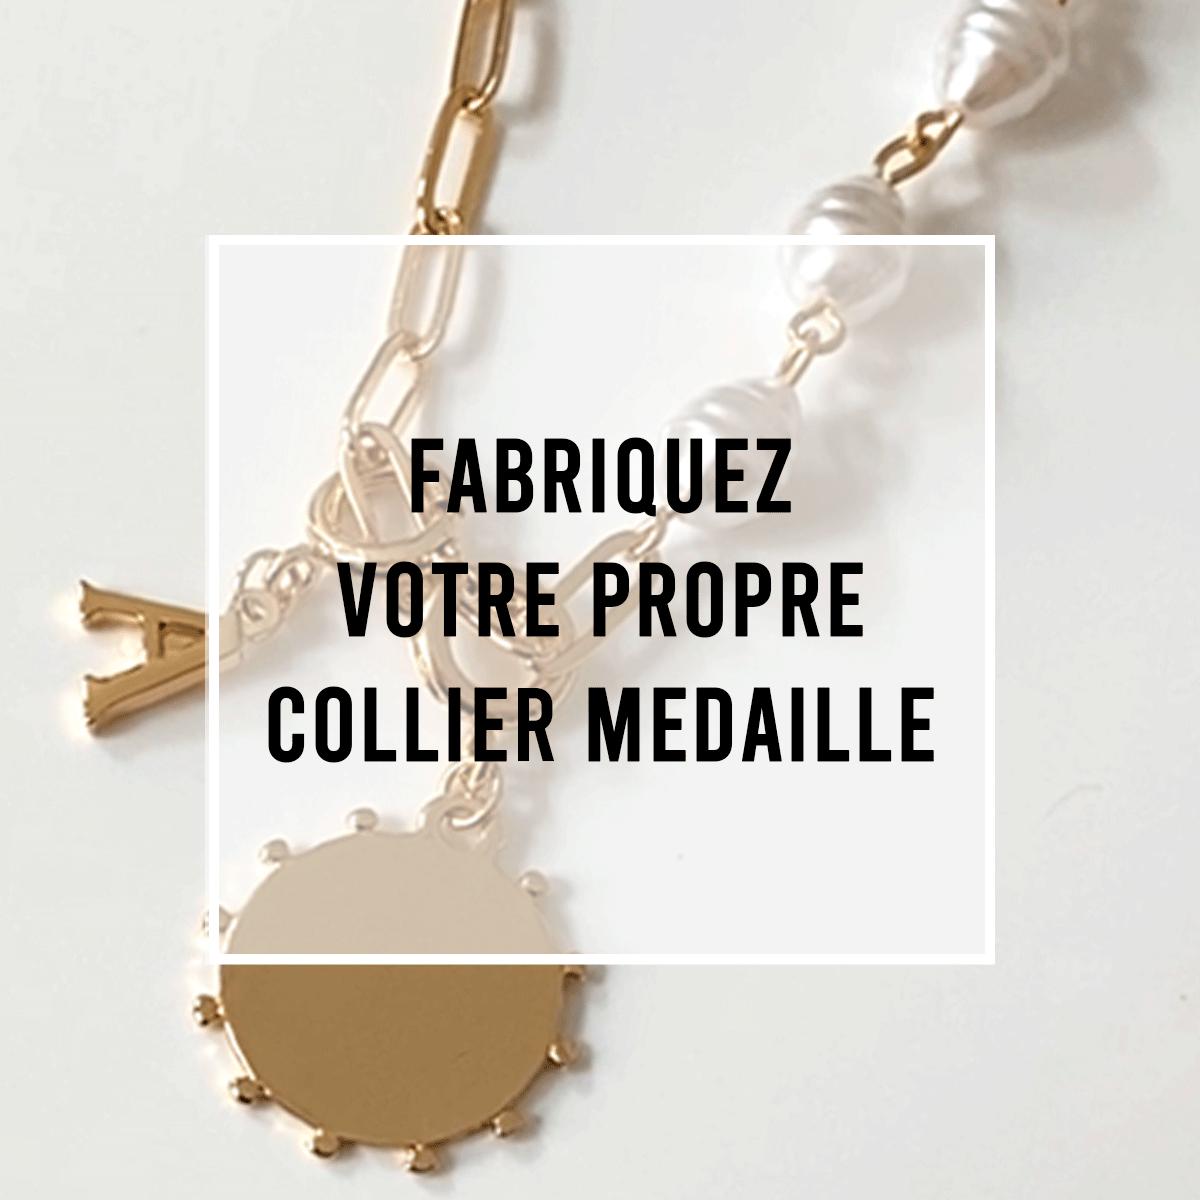 Fabriquez votre propre collier médaille !